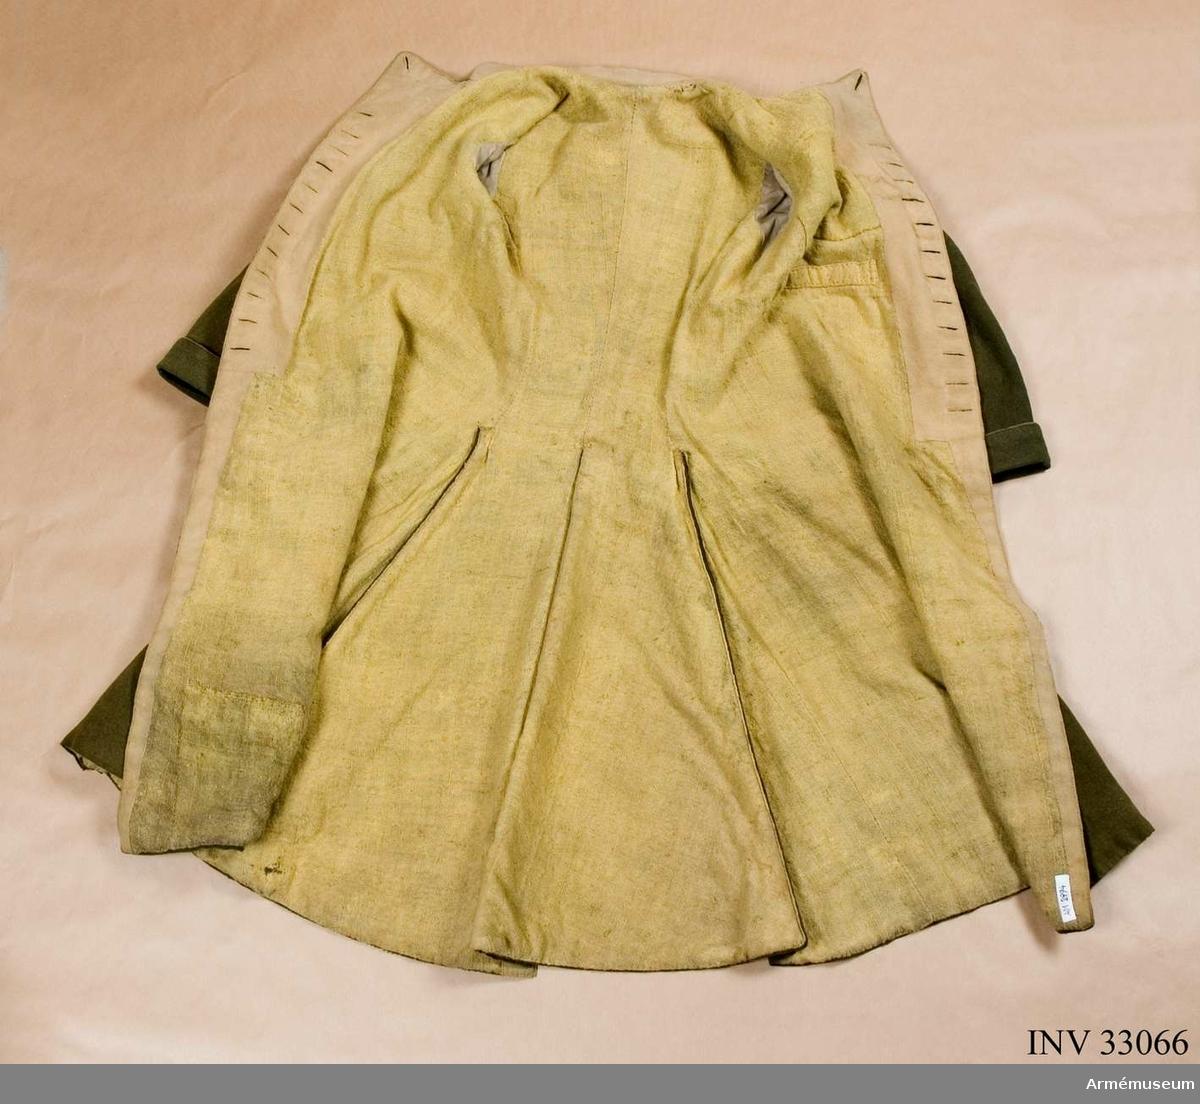 """Grupp C I. """"Förut begagnad af d.v. kapten Dietrich Bildt i 1788-90 års krig"""". (enligt den gamla etiketten) Rocken är grön, mycket fälld. Kragen är fodrad med gult kläde som viks fram och knäpps som dekor. Även slag, fickor och skörtet bak är fodrade med samma tyg. För övrigt är rocken fodrat med ett glest gult ylletyg. Lodställda fickor med en grön tamp med gult foder som dekaration. Kulformiga knappar framtill i två rader. 11x2 Ärmuppslagen fodrade runt kanten med gult tyg.  Syrtuten skänktes ursprungligen till Livrustkammaren 1882 av kapten Knut Bildt, Lockerud, Vänersborg. Didrik Bildt var Knuts morfar."""